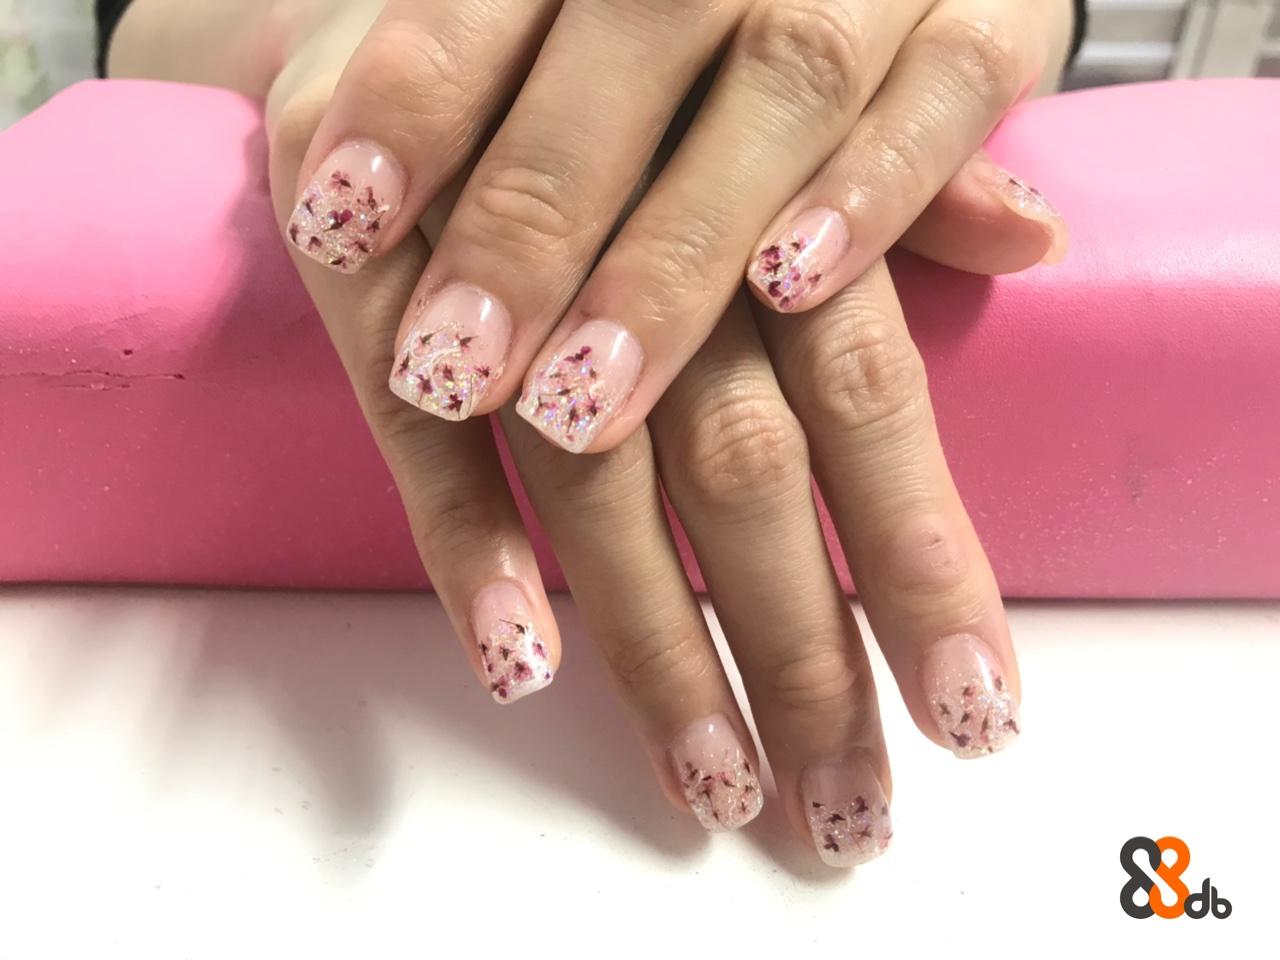 Nail,Nail care,Manicure,Finger,Nail polish